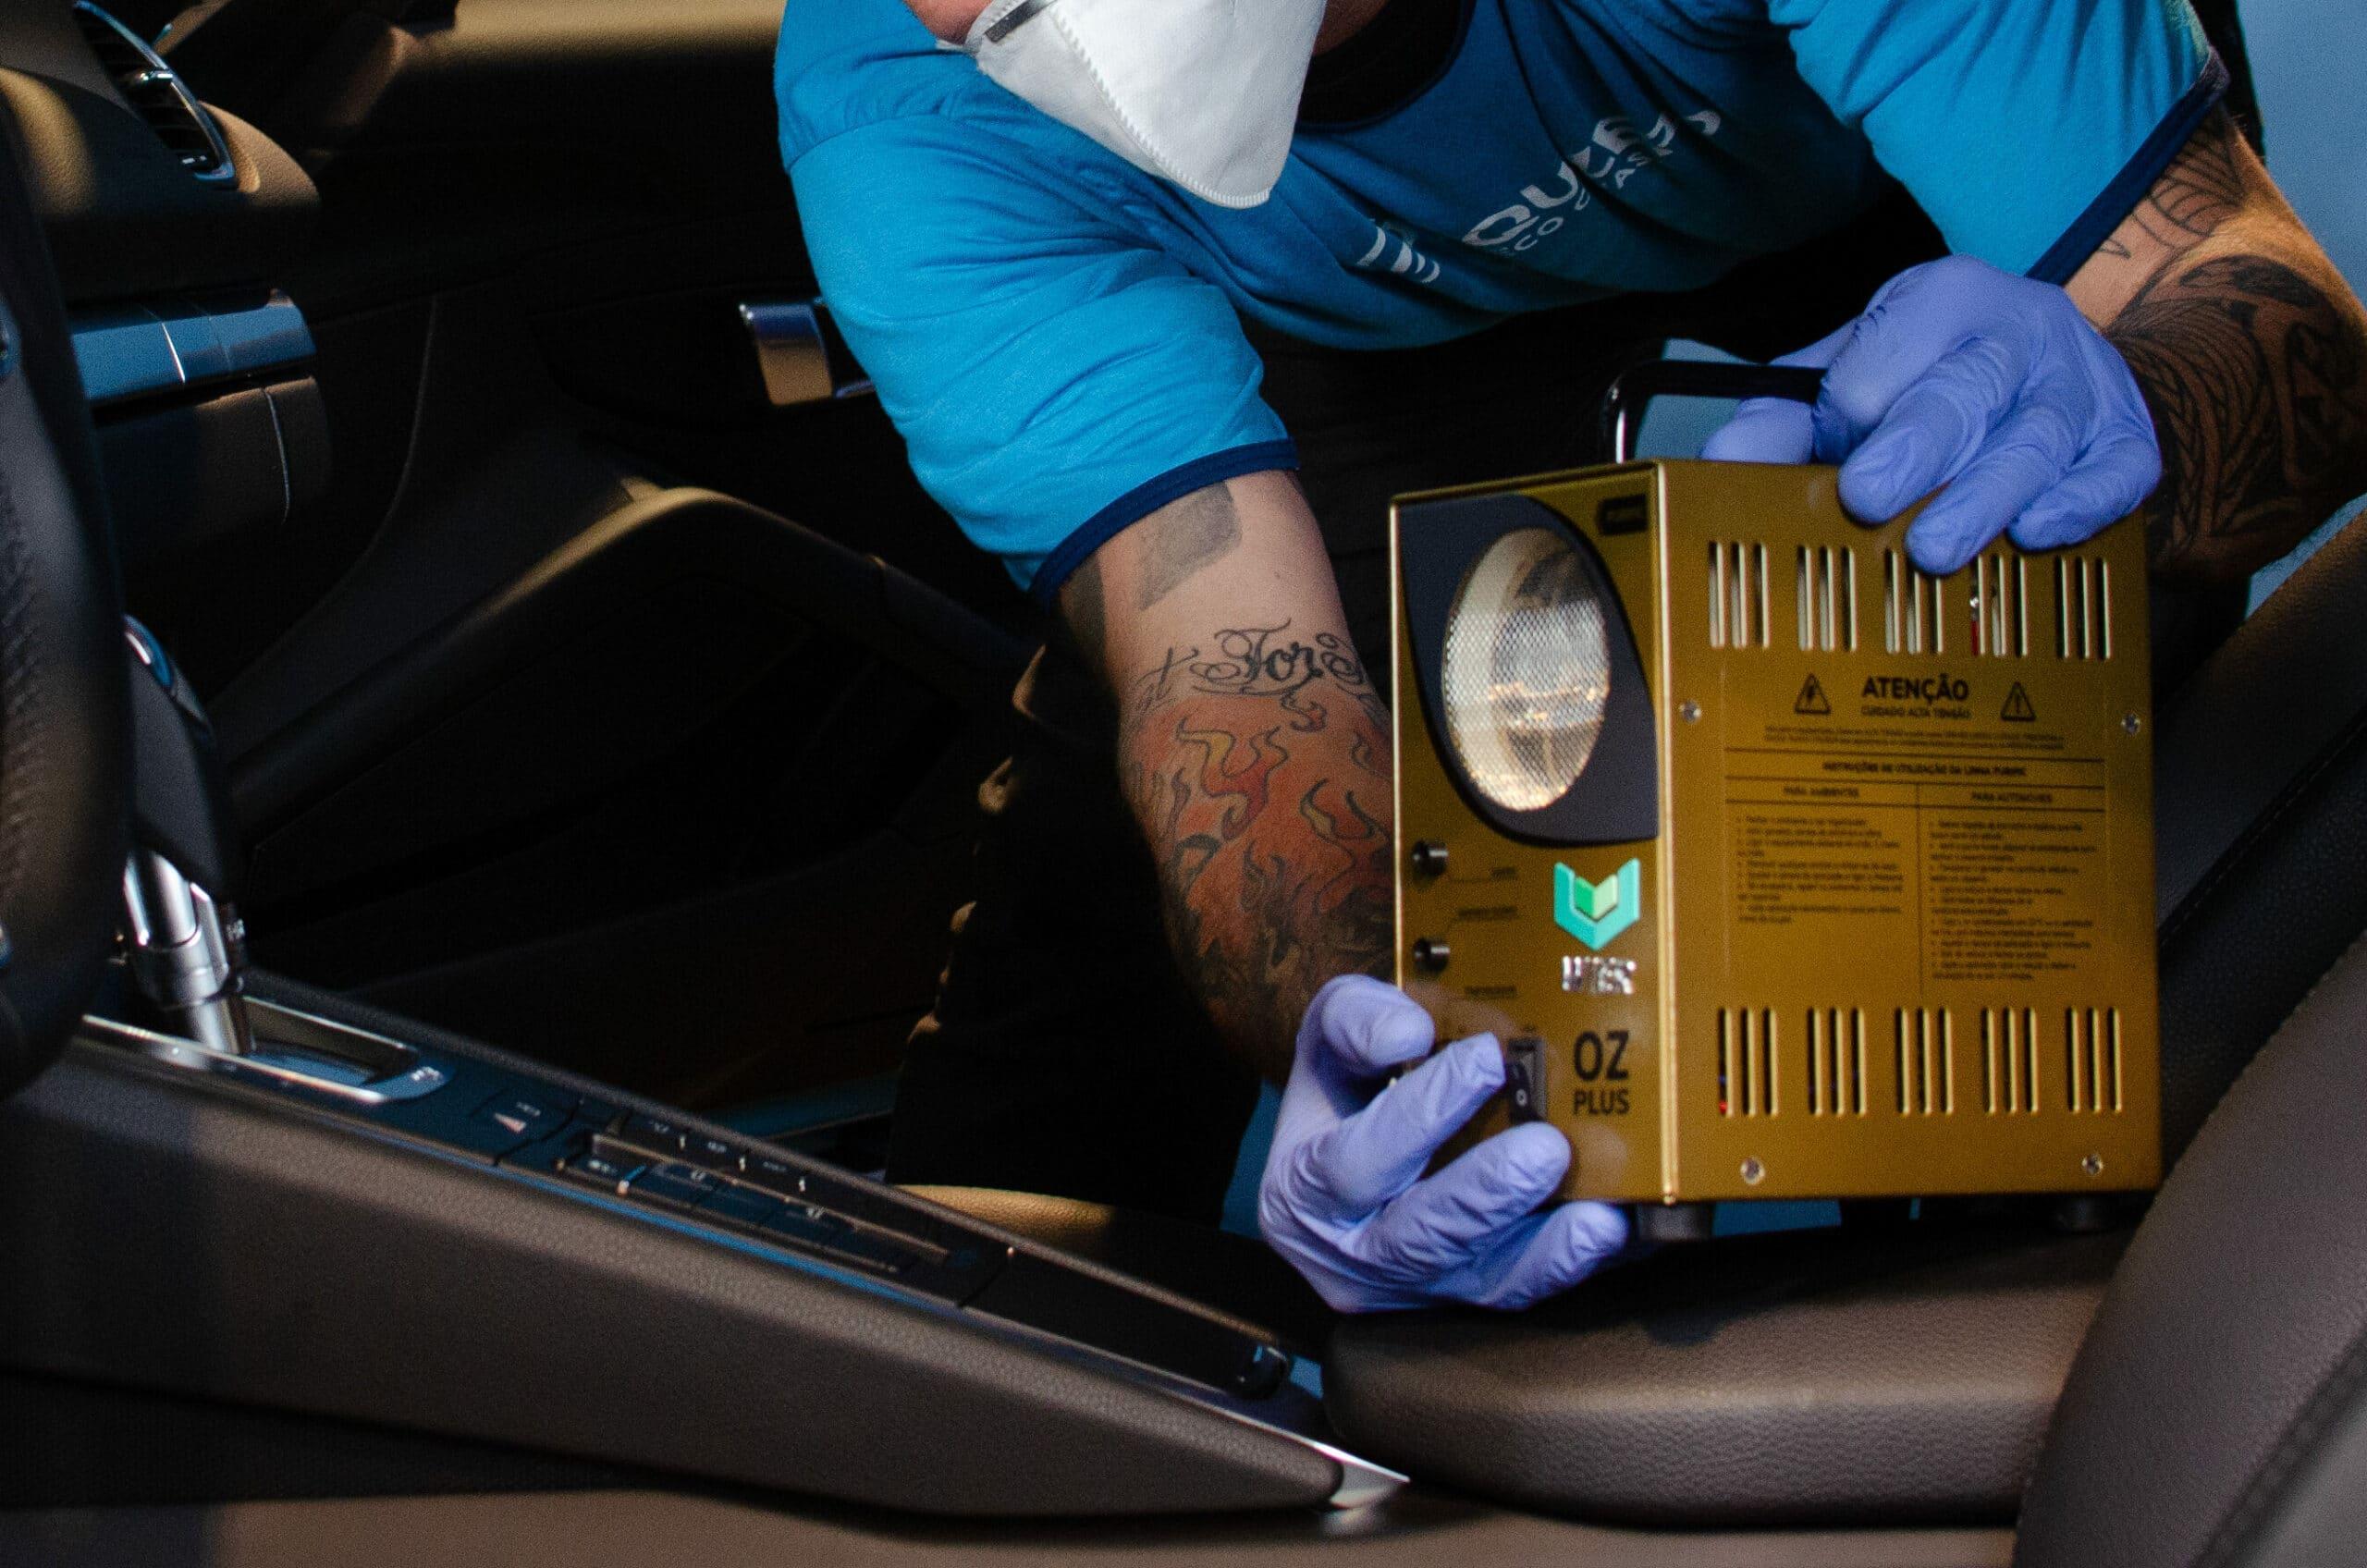 Funcionário da Acquazero com o uniforme azul da empresa segurando a máquina de gerar ozônio, dentro do interior de um carro. Imagem ilustrativa para o texto lava jato em Camaçari.